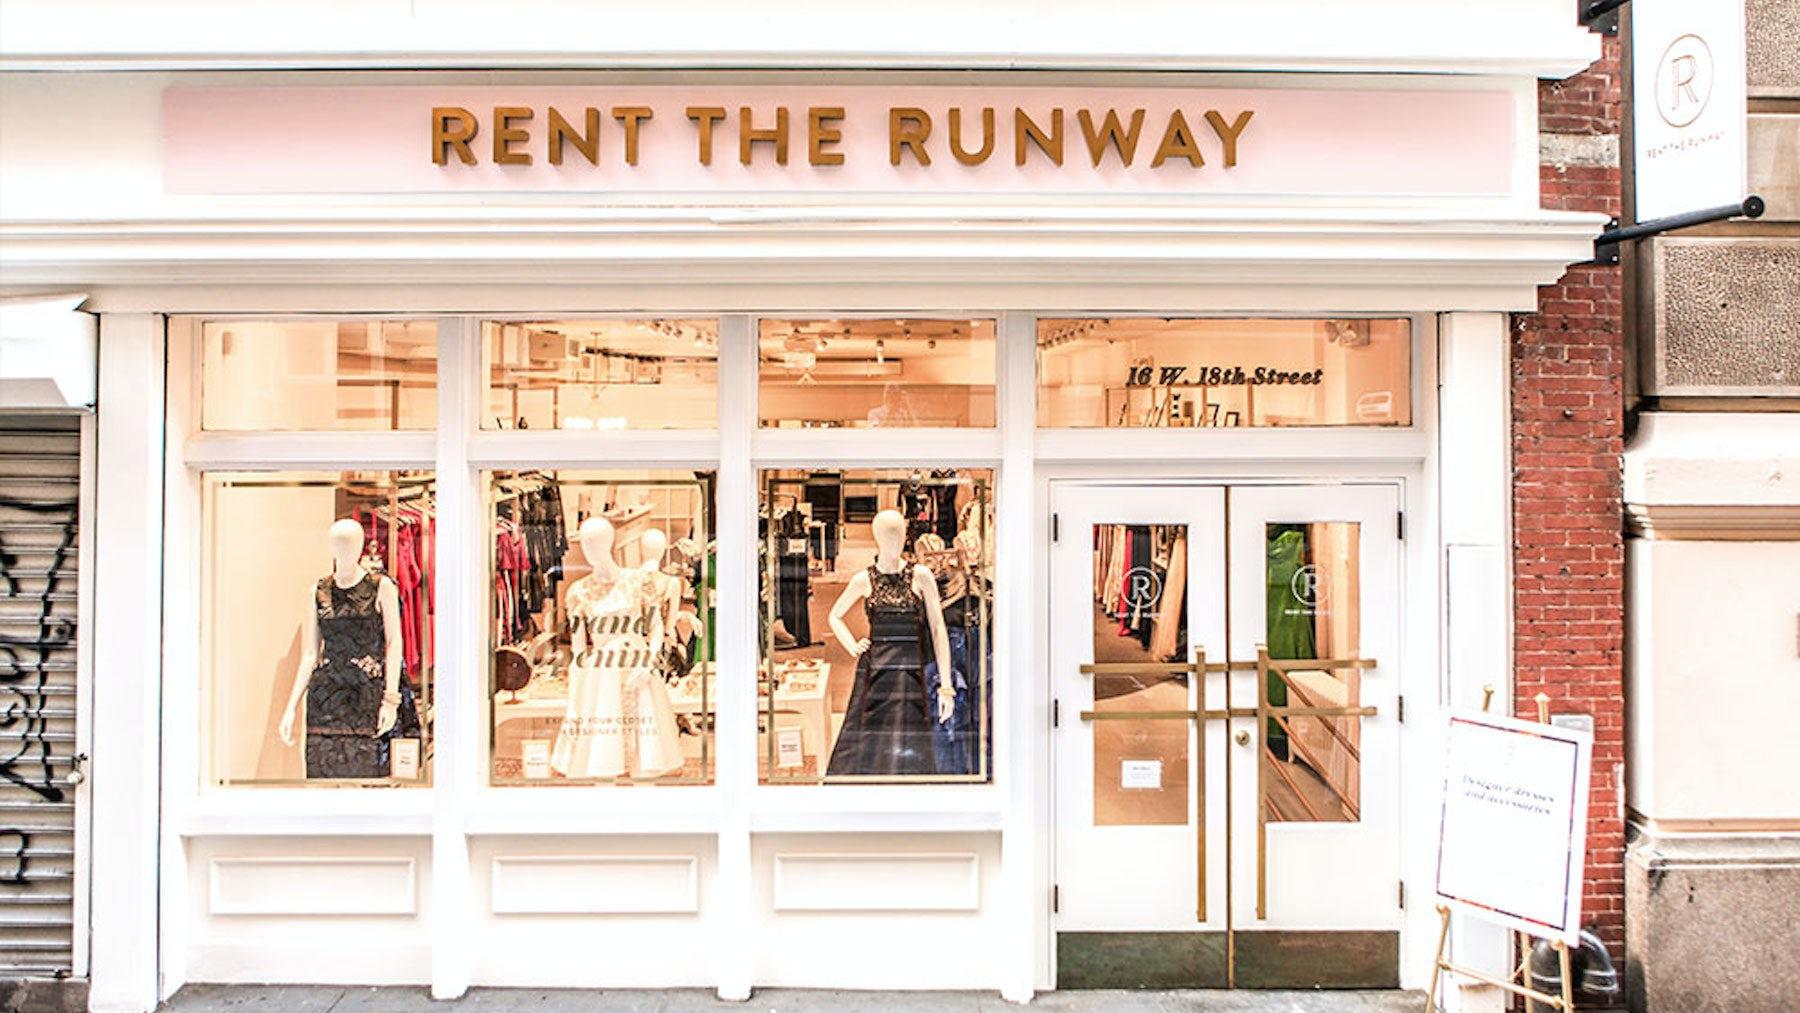 Rent the Runway store | Source: Rent the Runway